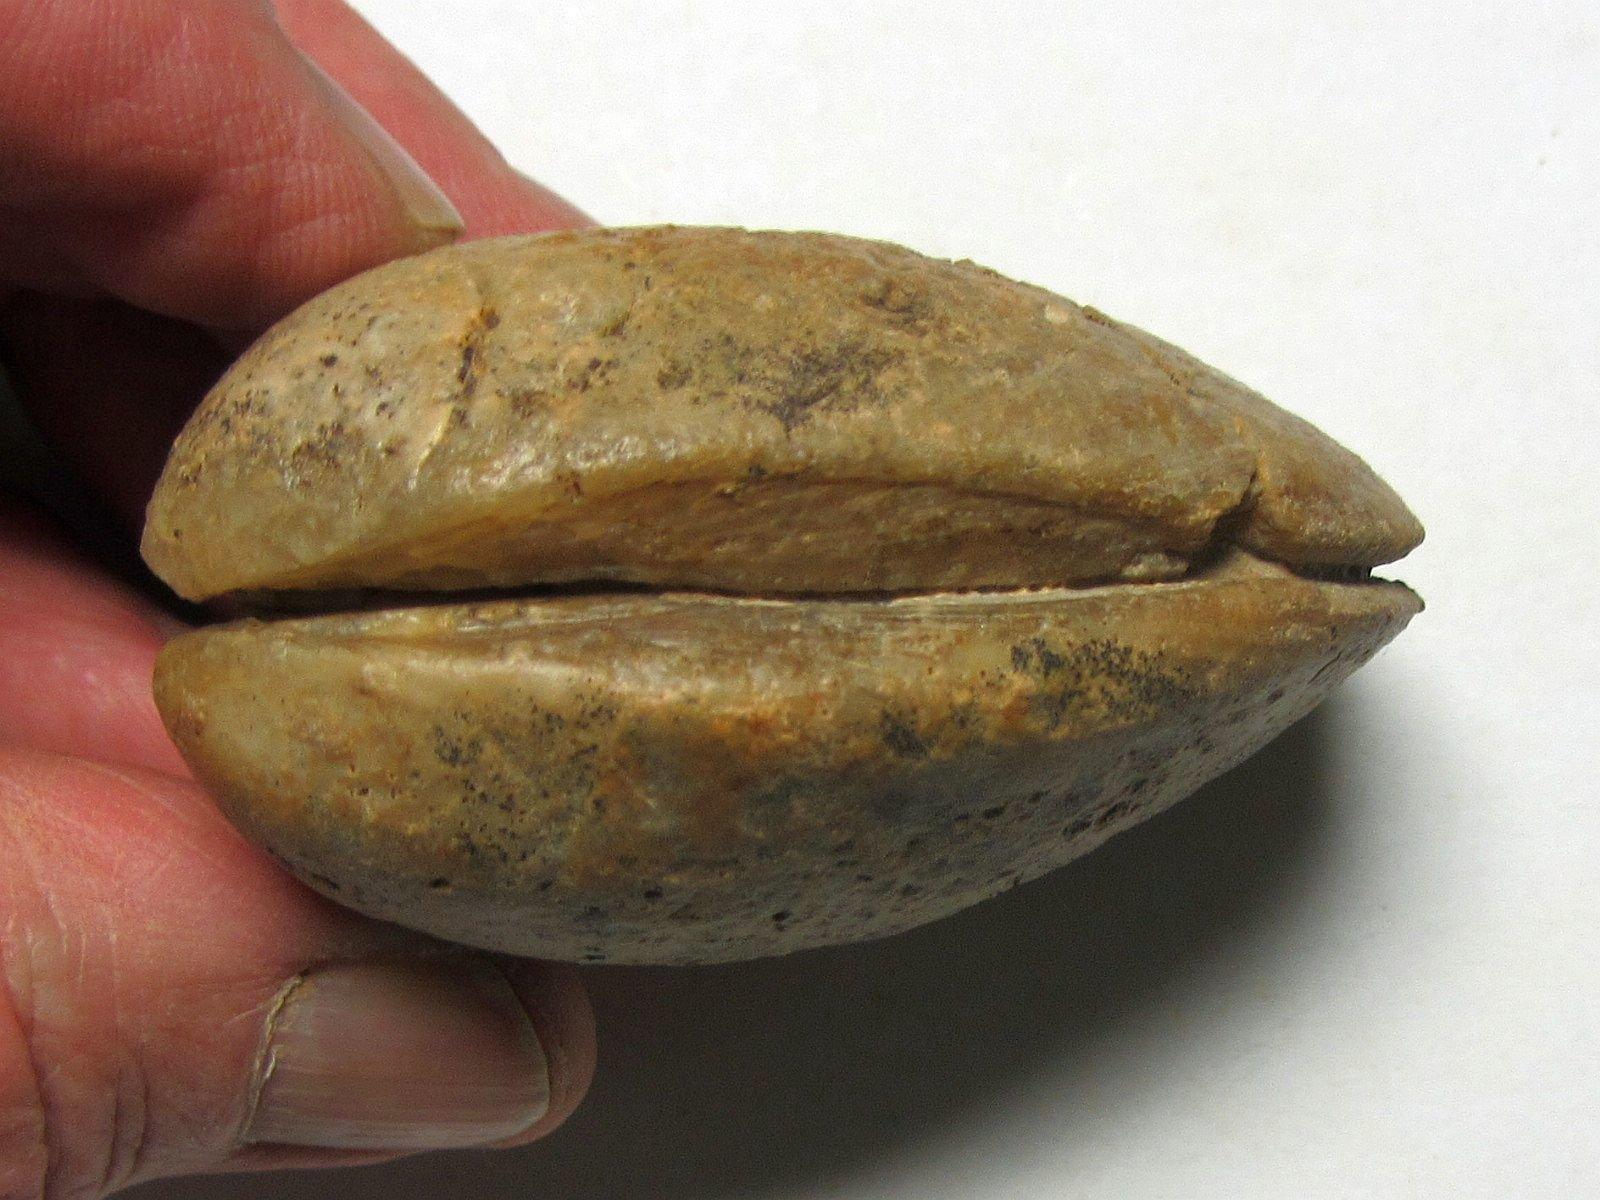 Astarte obliqua (Lamarck 1819)